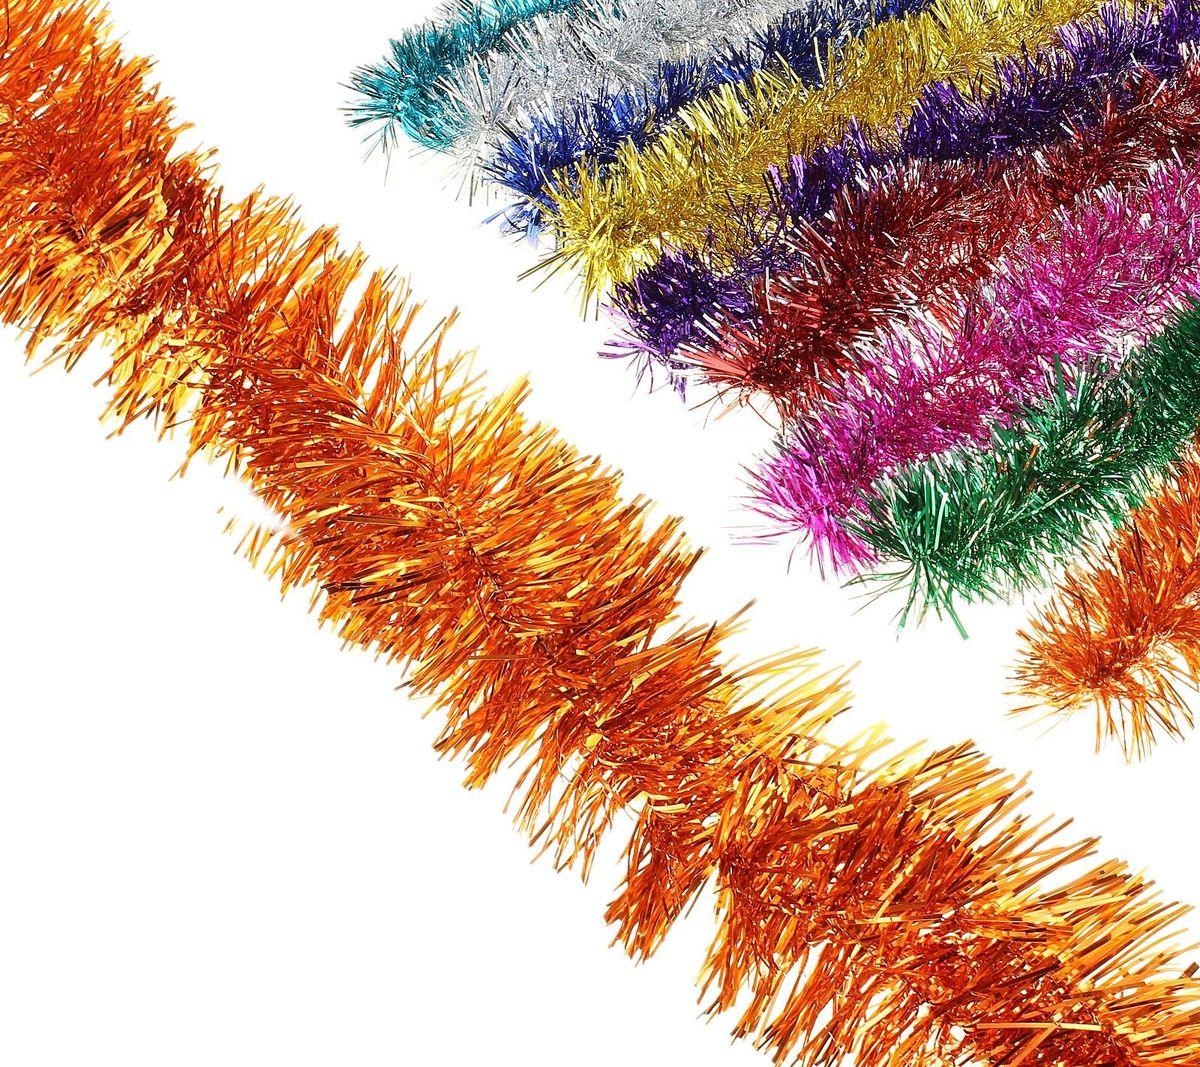 Мишура новогодняя Sima-land, цвет: красный, серебристый, диаметр 4 см, длина 1,3 м. 701305701305_красный, серебристыйМишура новогодняя Sima-land, выполненная из двухцветной фольги, поможет вам украсить свой дом к предстоящим праздникам. Мишура армирована, то есть имеет проволоку внутри и способна сохранять приданную ей форму.Новогодняя елка с таким украшением станет еще наряднее. Новогодней мишурой можно украсить все, что угодно - елку, квартиру, дачу, офис - как внутри, так и снаружи. Можно сложить новогодние поздравления, буквы и цифры, мишурой можно украсить и дополнить гирлянды, можно выделить дверные колонны, оплести дверные проемы. Коллекция декоративных украшений из серии Зимнее волшебство принесет в ваш дом ни с чем несравнимое ощущение праздника! Создайте в своем доме атмосферу тепла, веселья и радости, украшая его всей семьей.